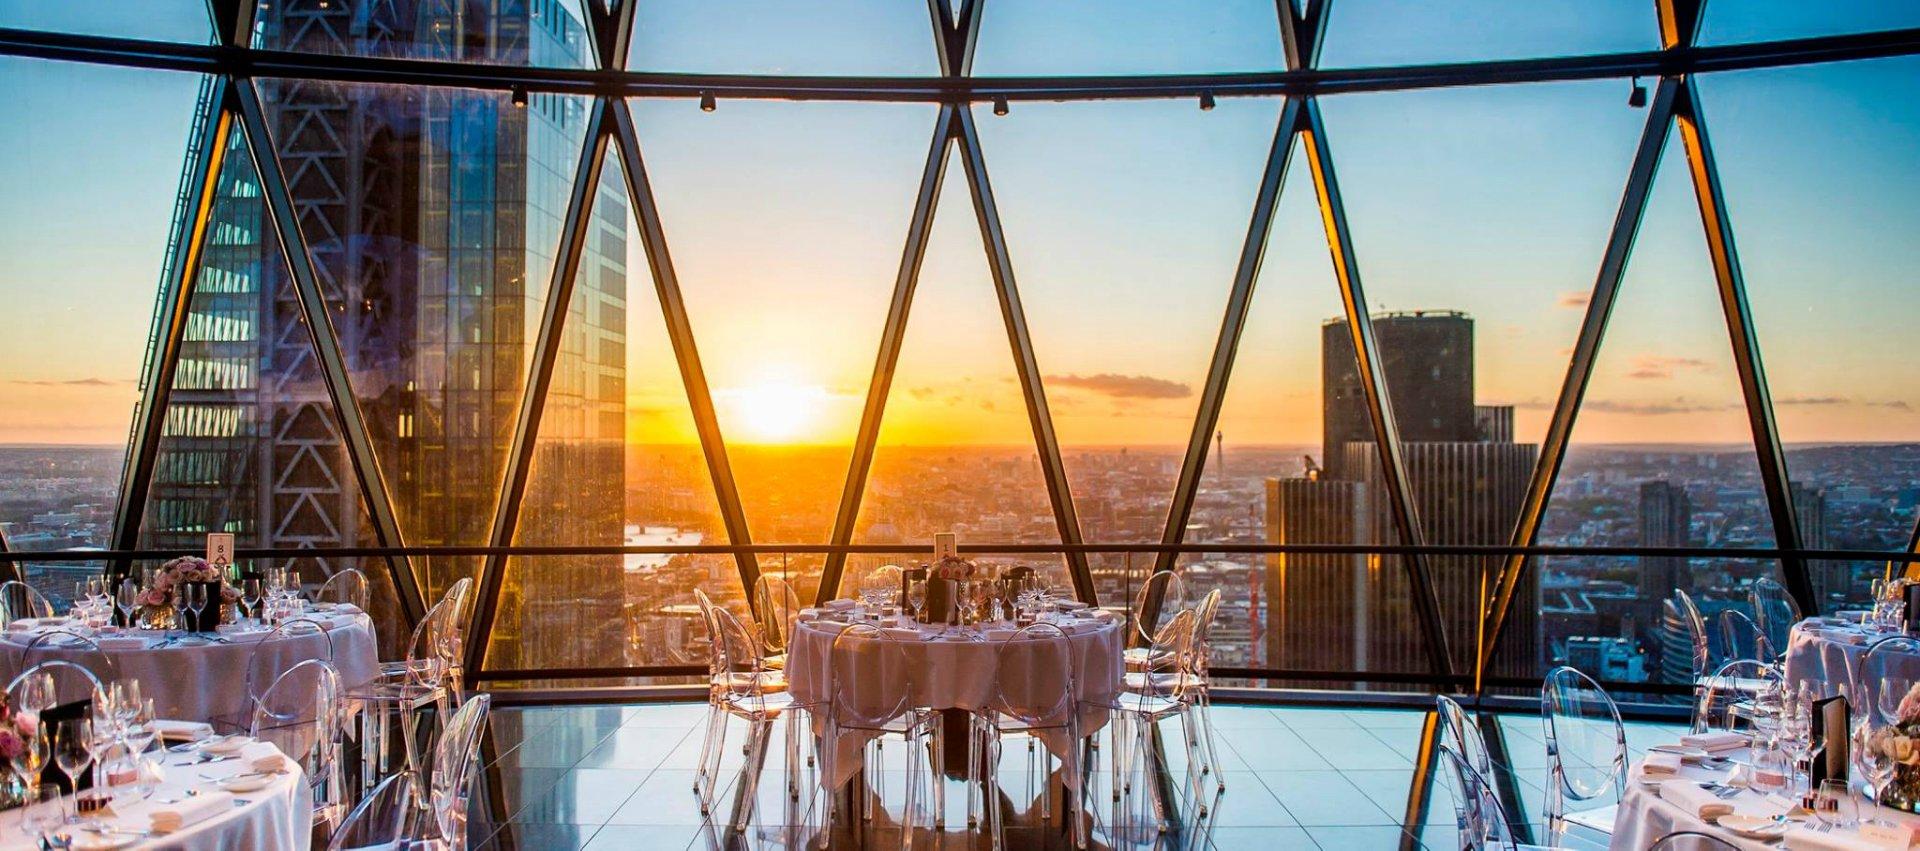 best date restaurants london cheap